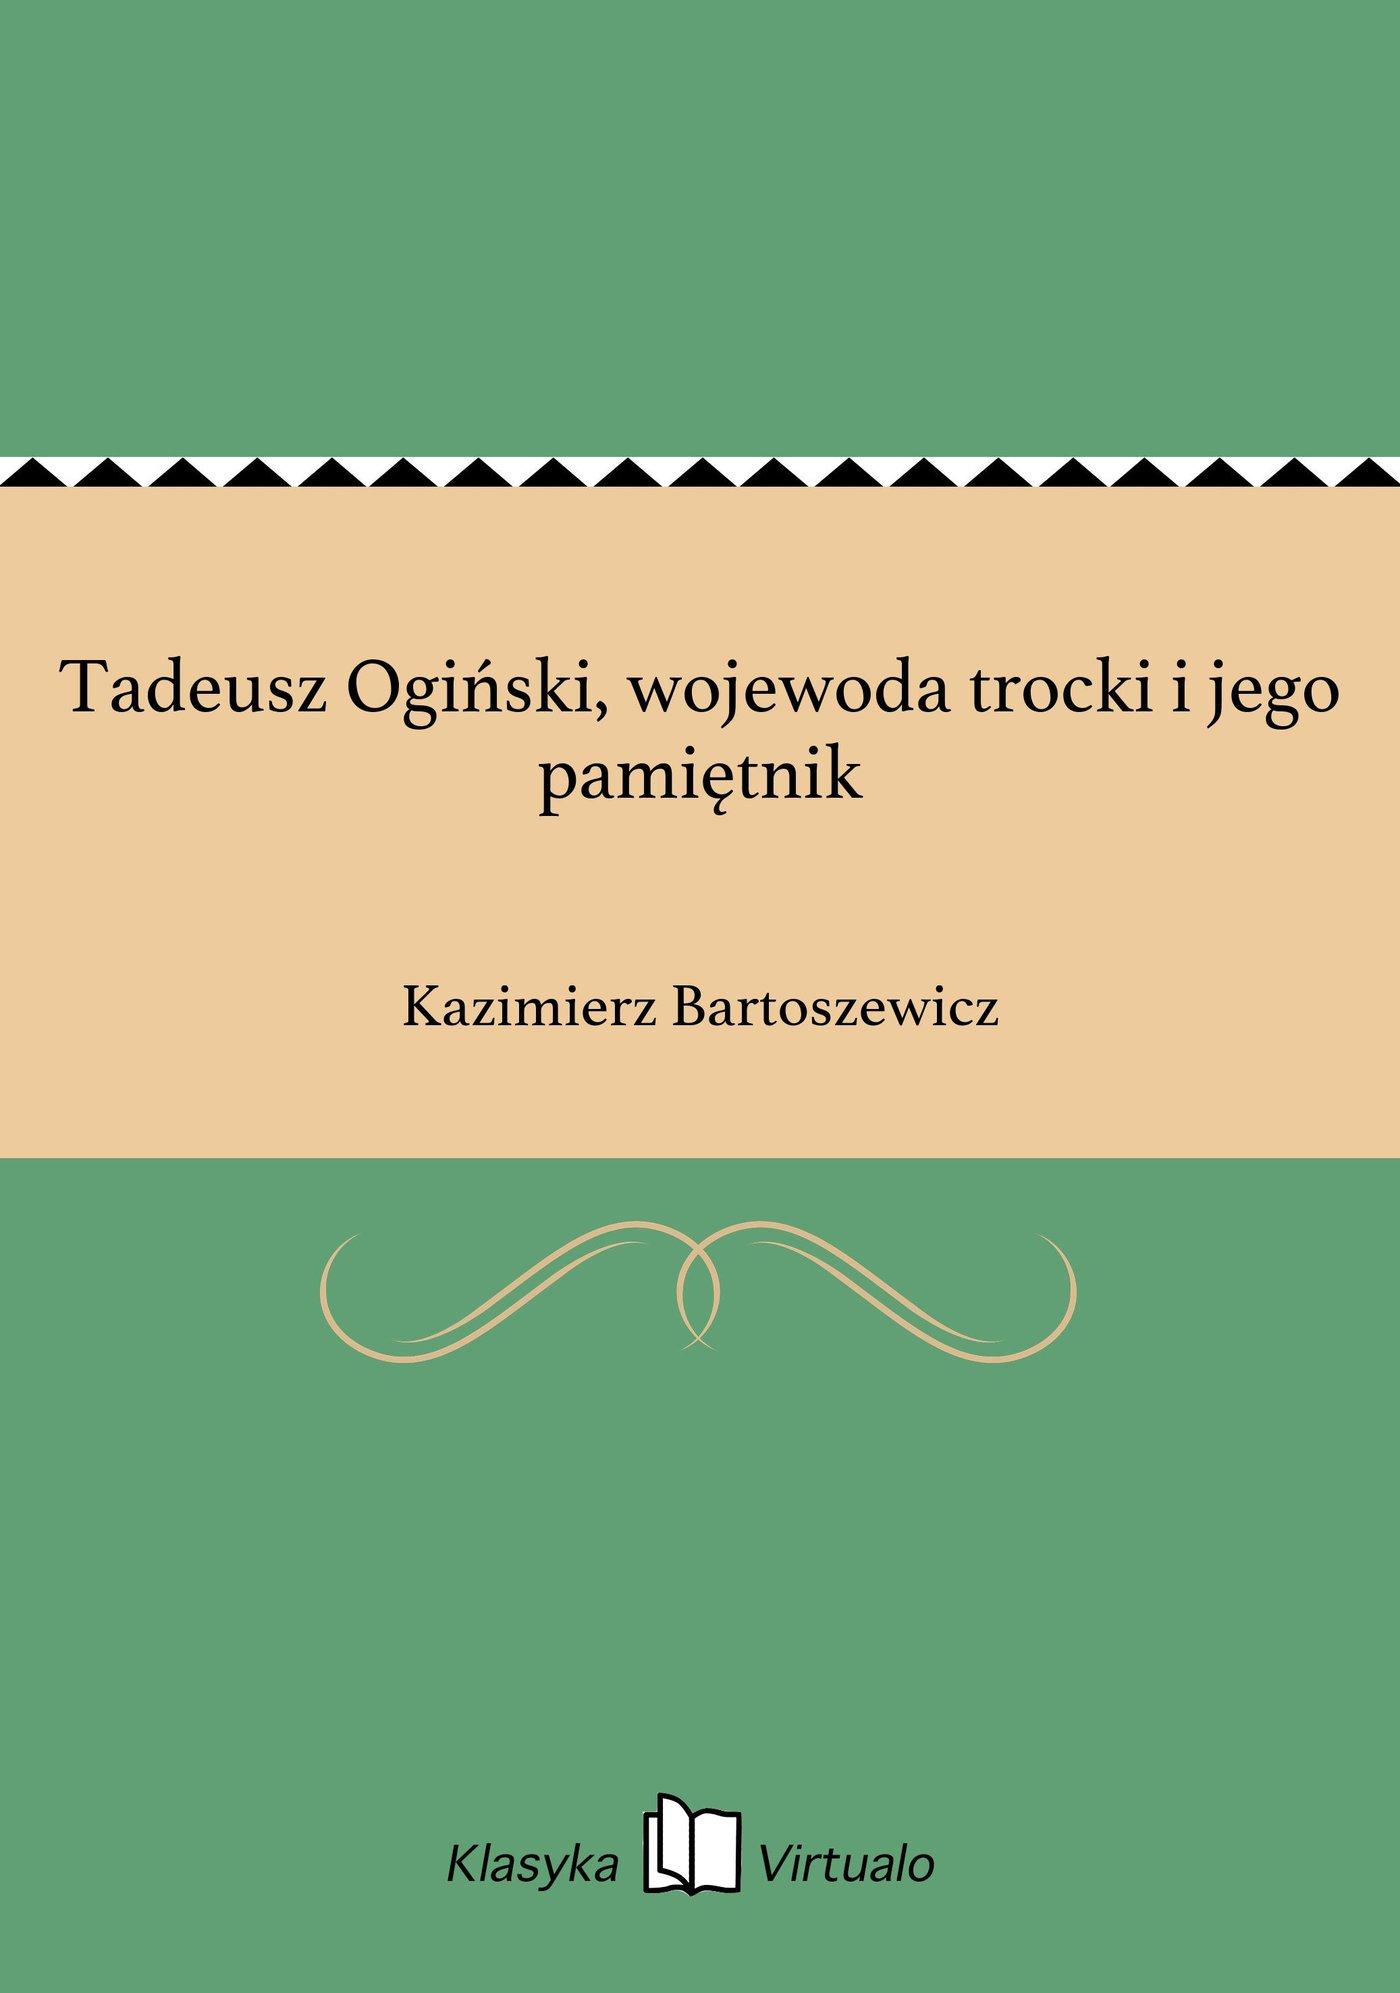 Tadeusz Ogiński, wojewoda trocki i jego pamiętnik - Ebook (Książka na Kindle) do pobrania w formacie MOBI